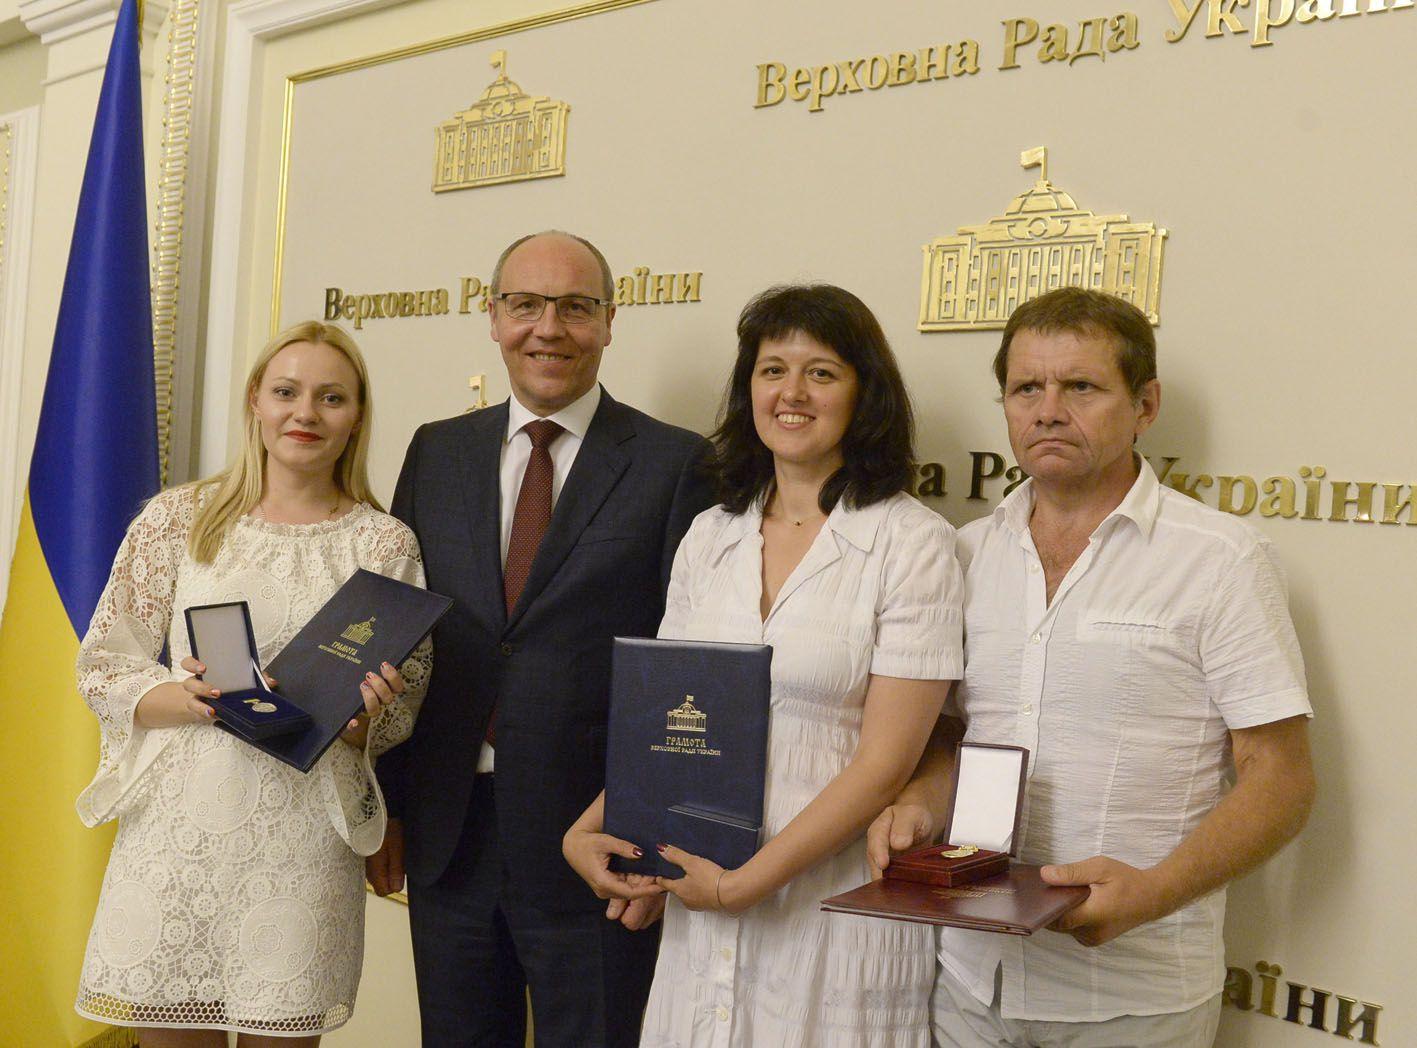 Наградили народных депутатов, журналистов и сотрудников аппарата Верховной Рады